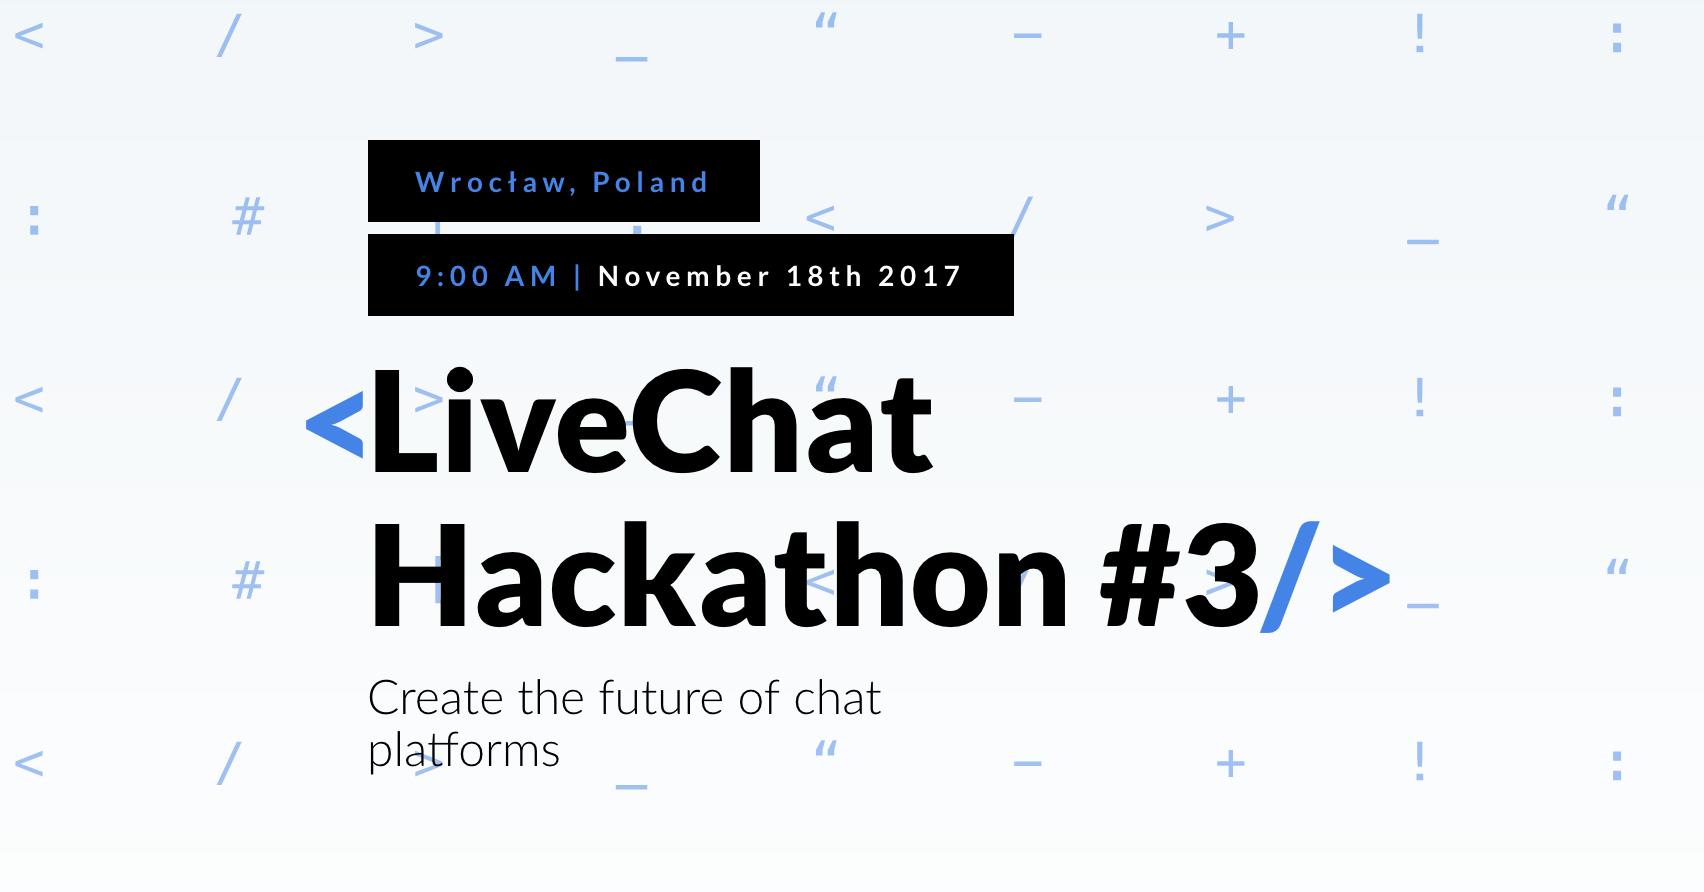 Hackathon #3